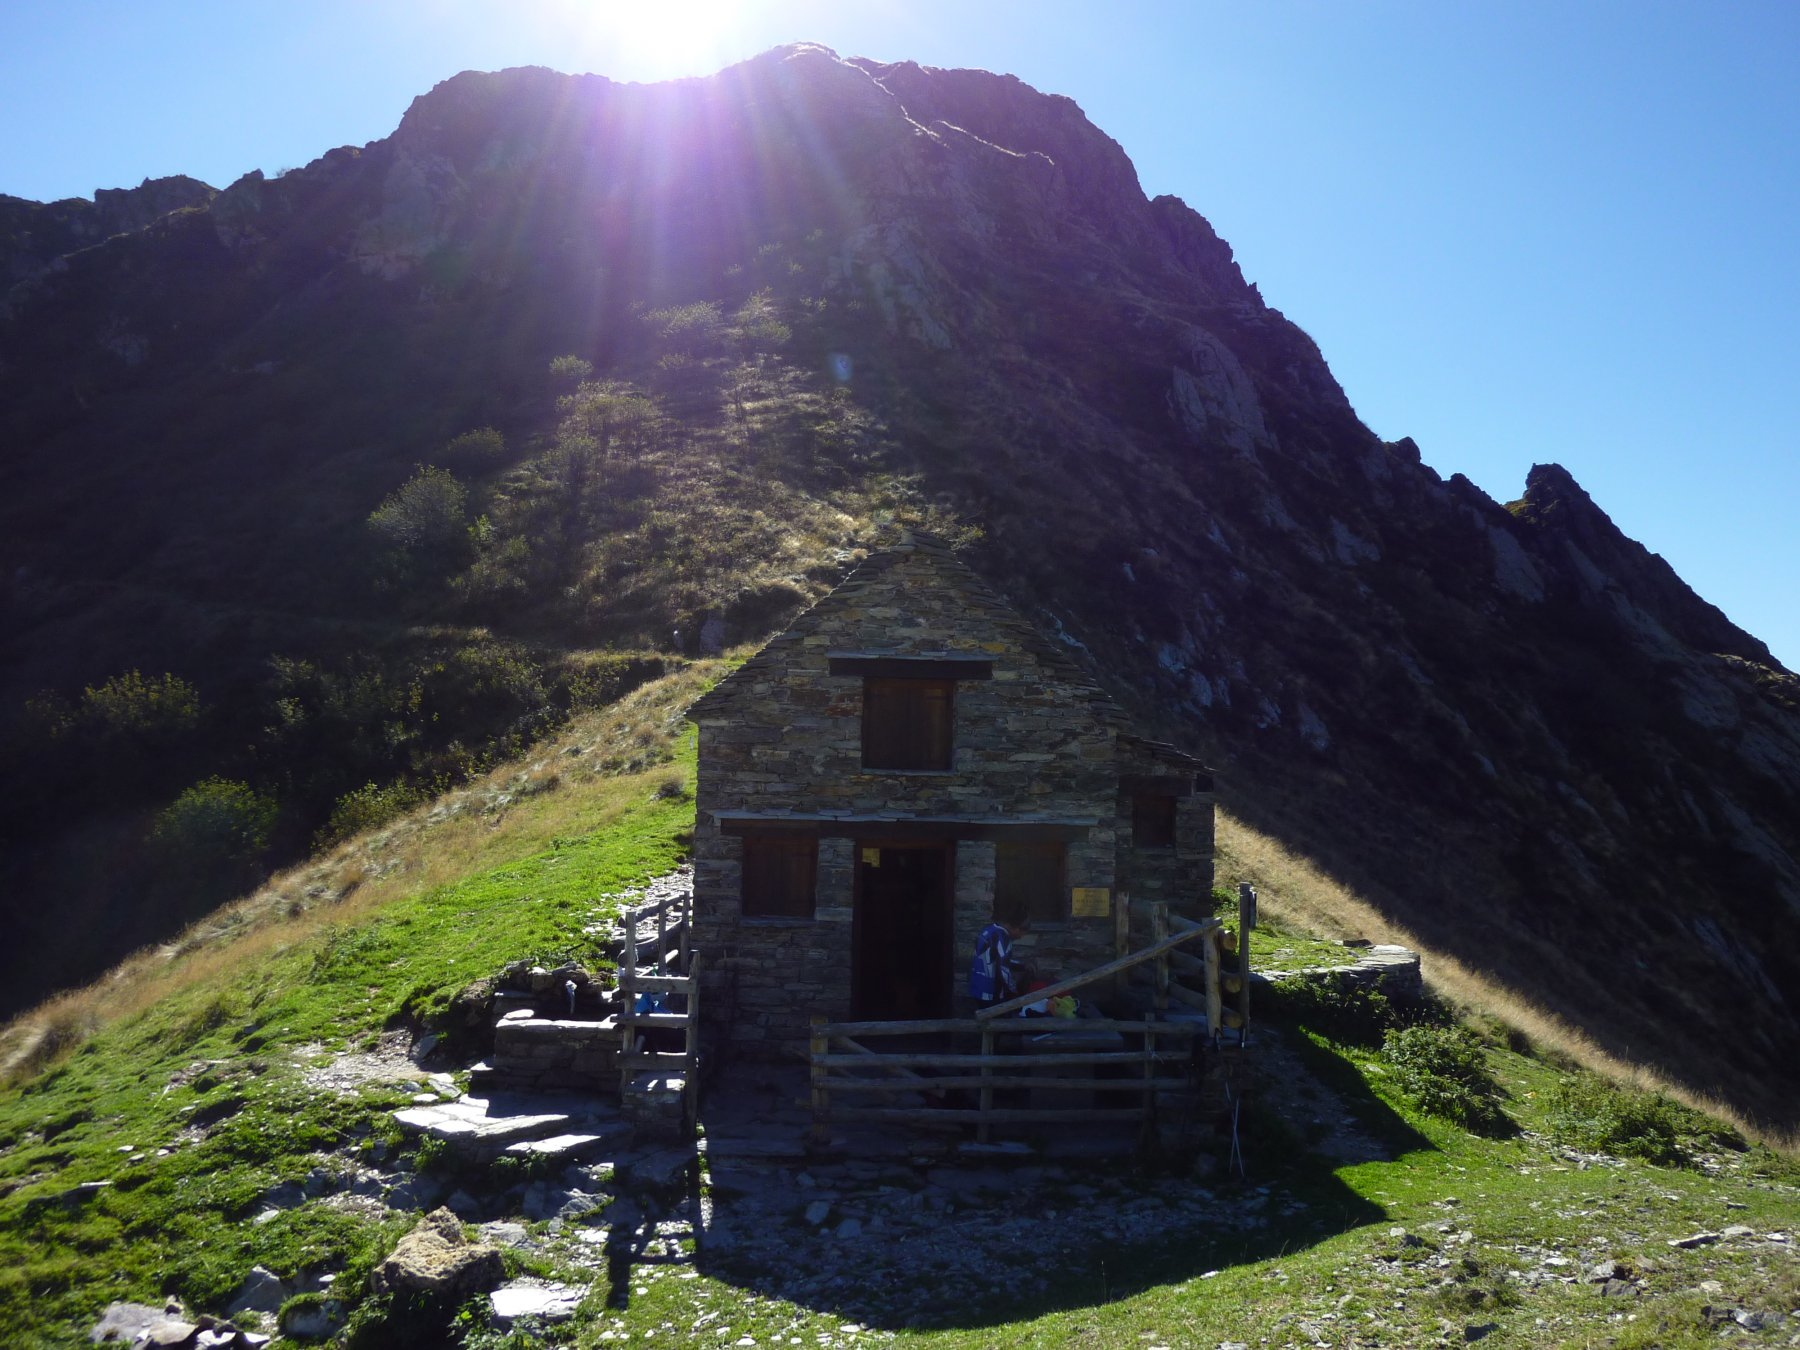 il bivacco all'Alpe della Colma